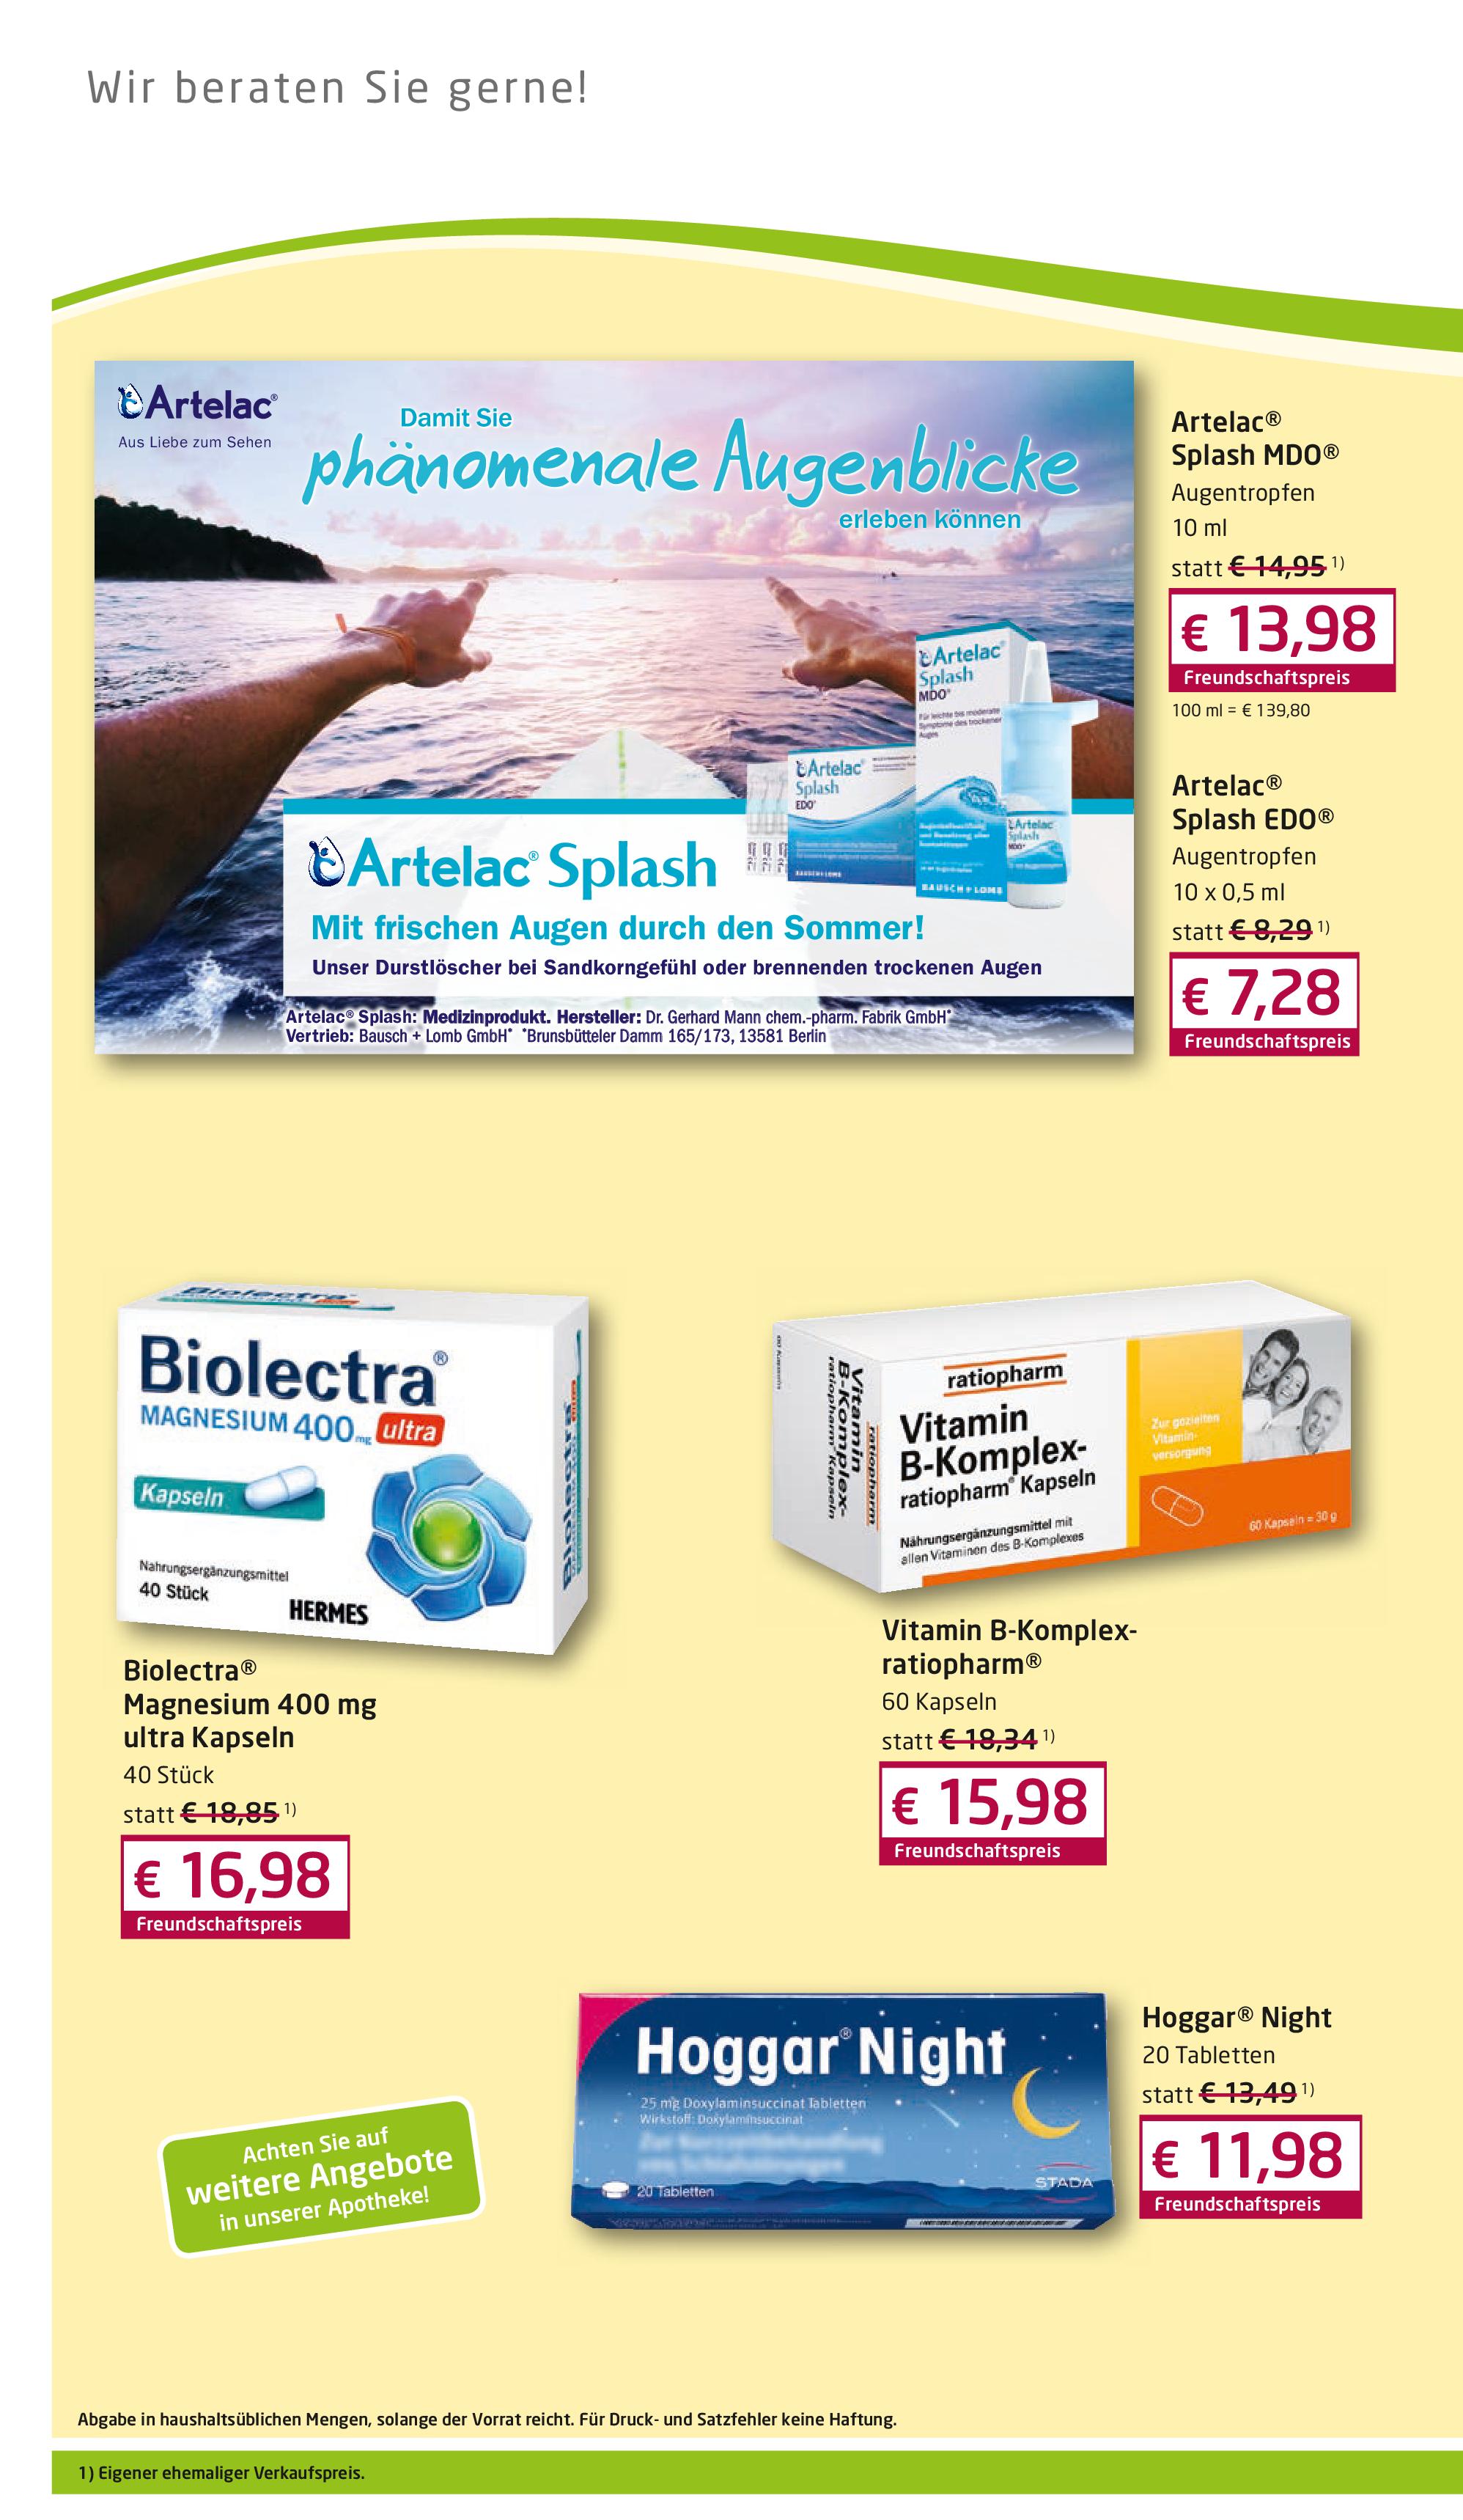 https://mein-uploads.apocdn.net/7439/leaflets/Neue_Nienburg-6er-Seite5.png